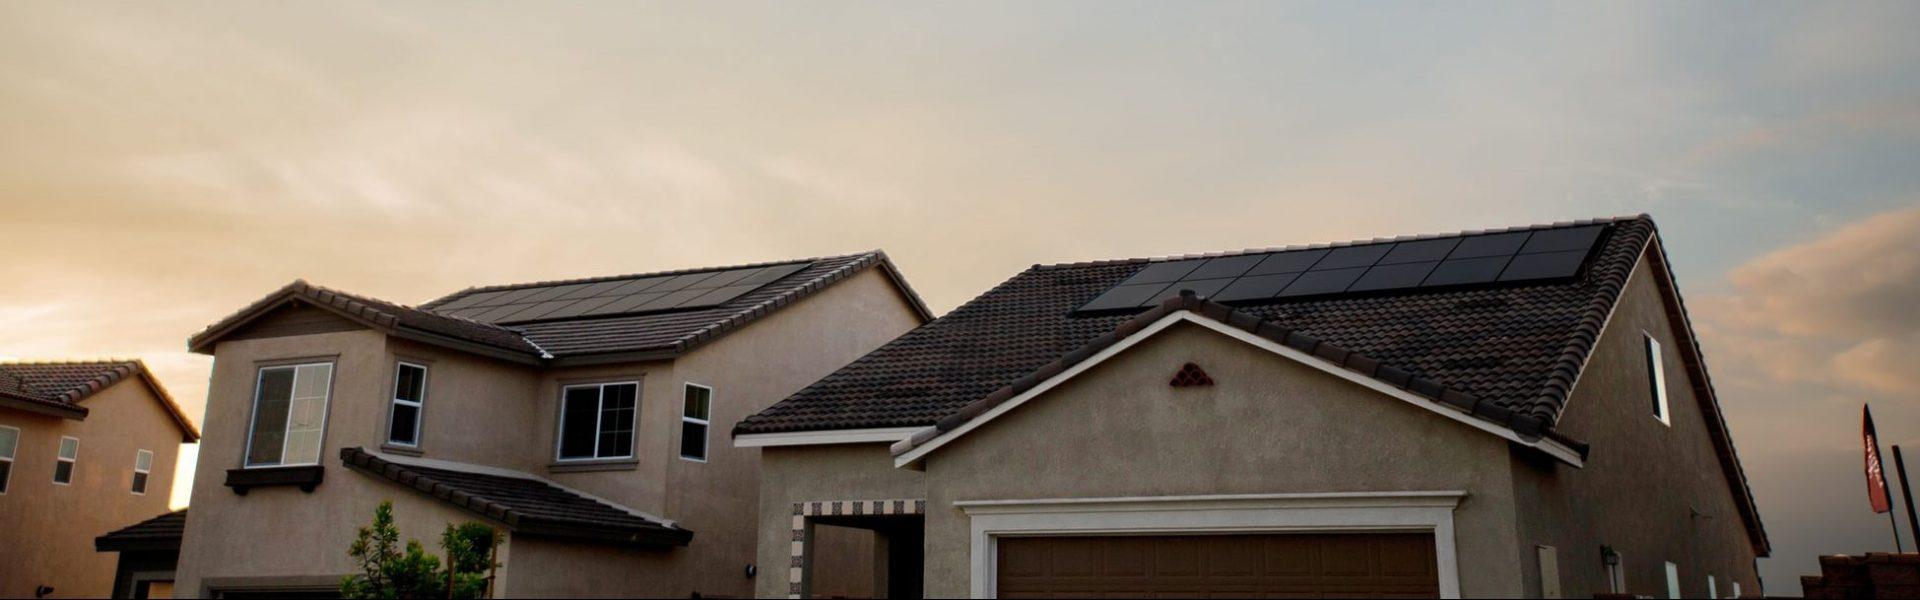 fotovoltaico_accumulo